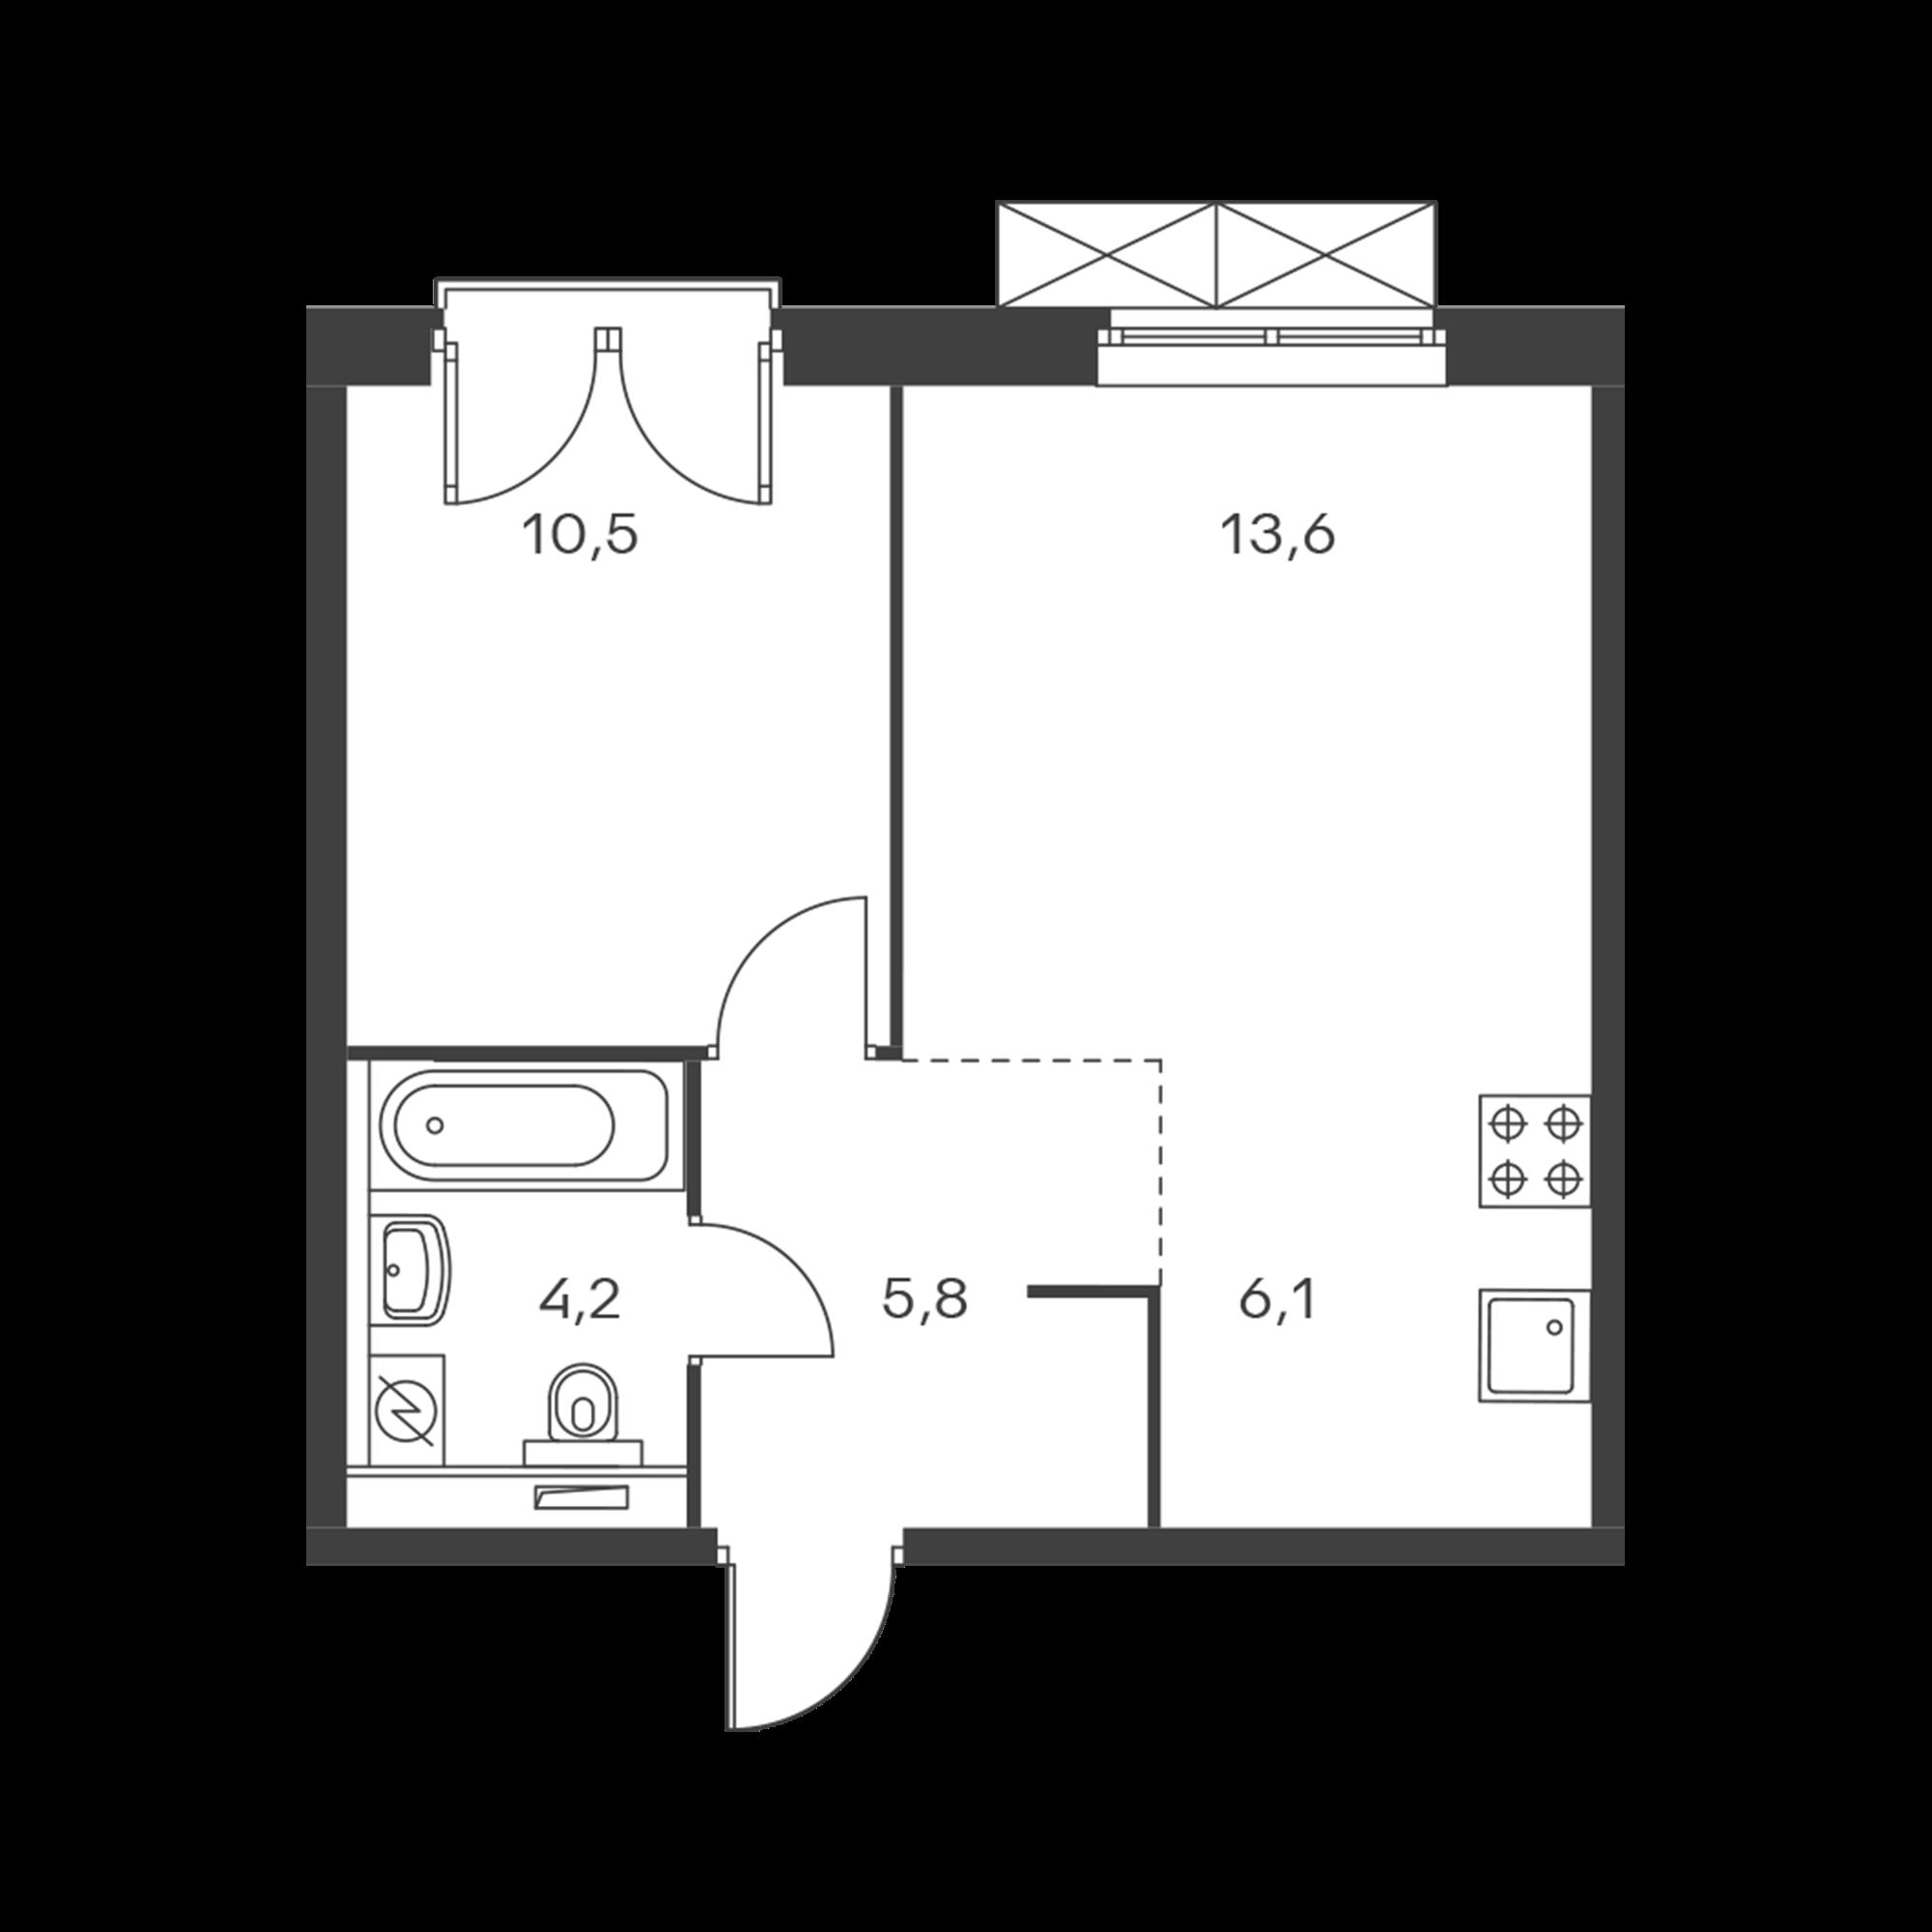 2-комнатная 40.2 м²